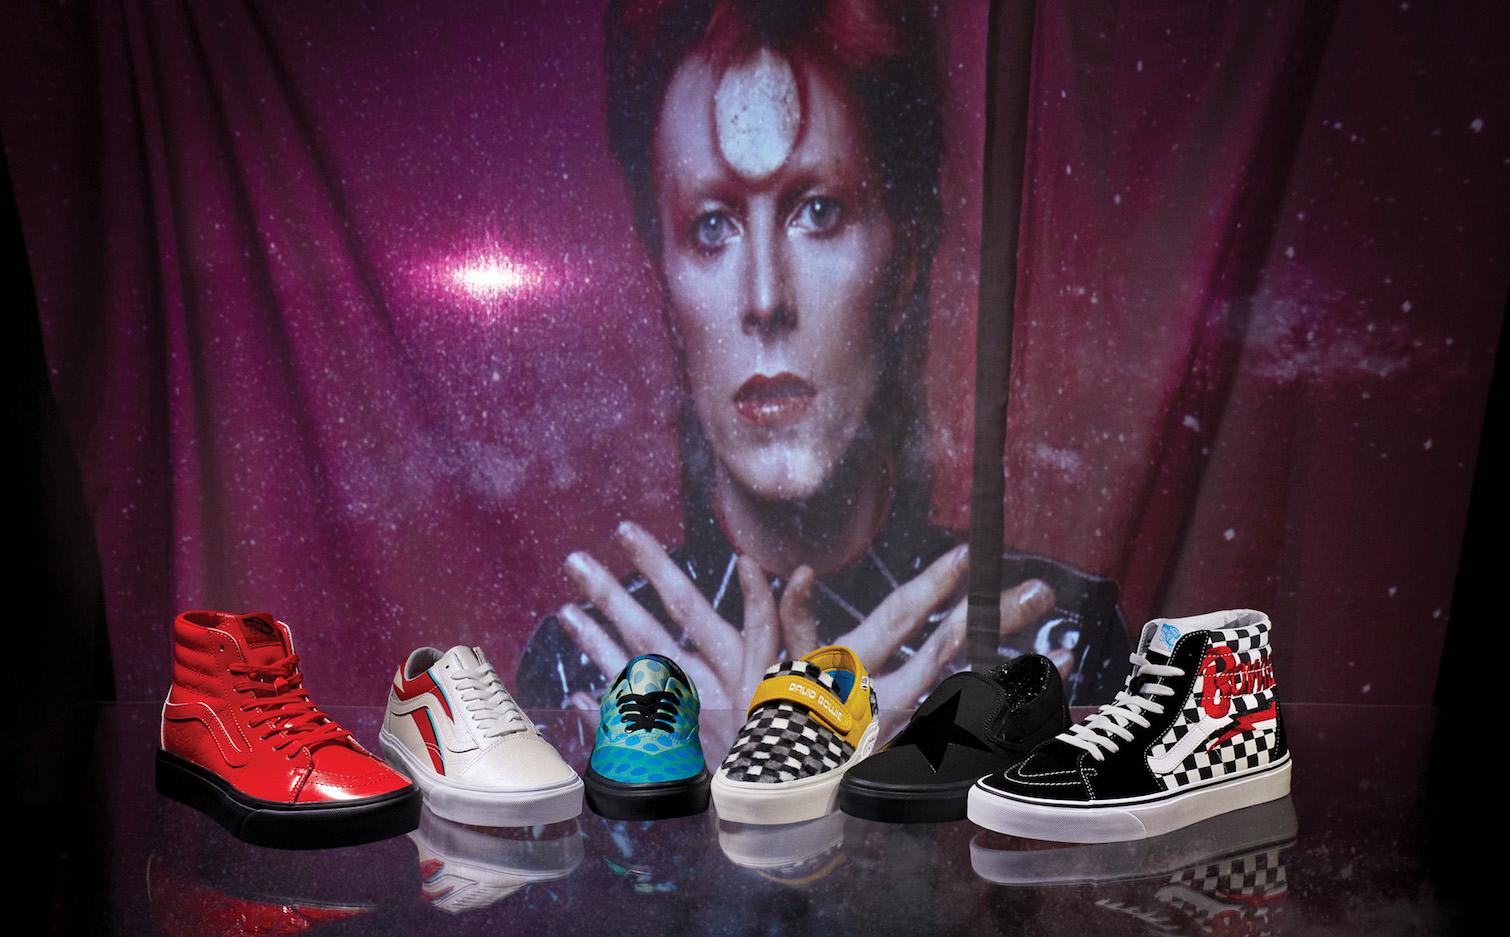 La nueva colección de los tenis Vans de David Bowie llega a México